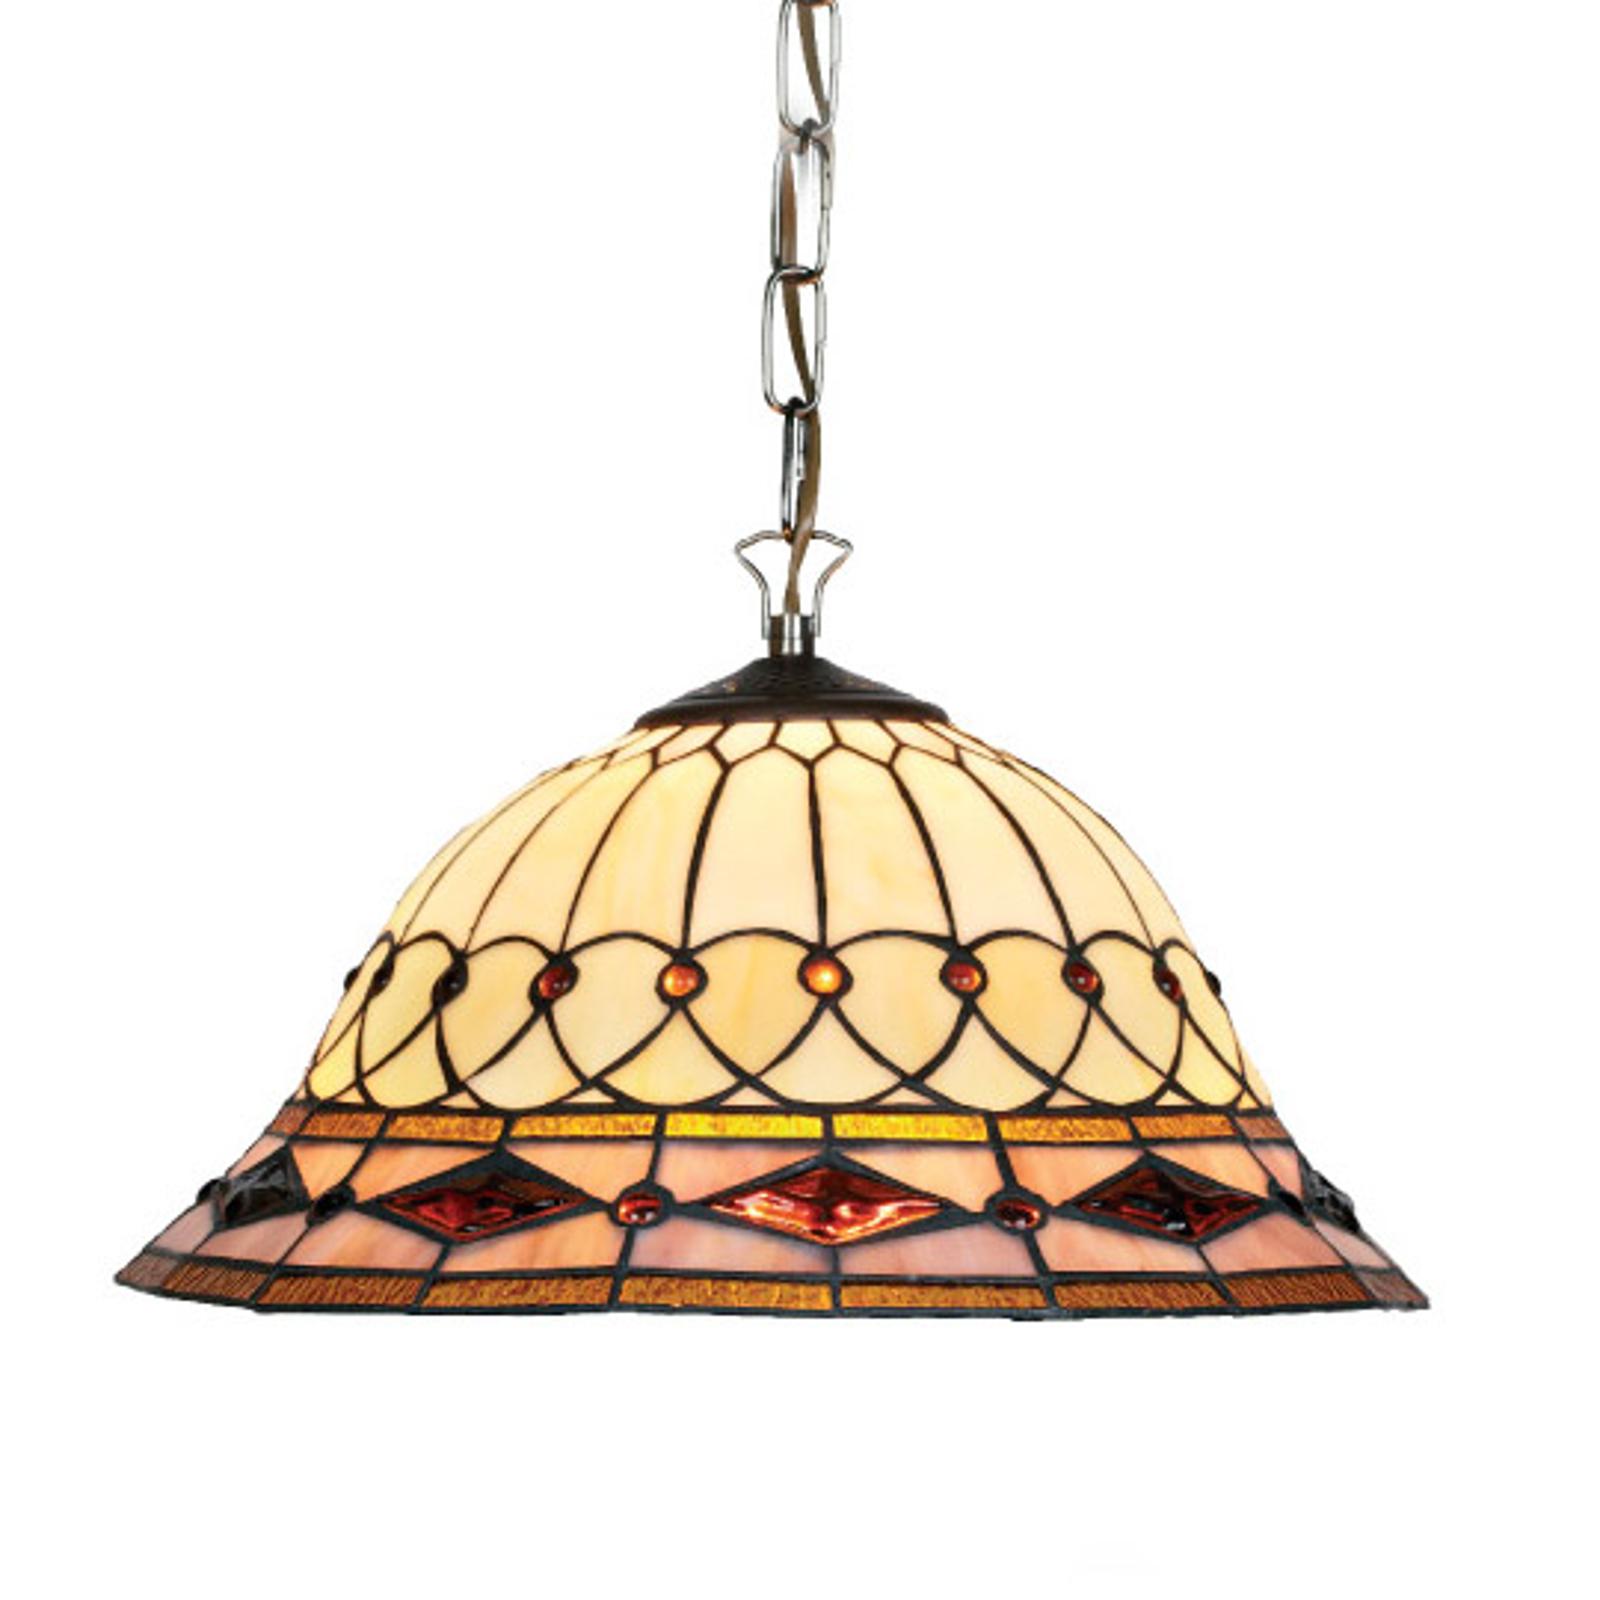 Závesná lampa Kassandra v štýle Tiffany, 2xE27_1032113_1